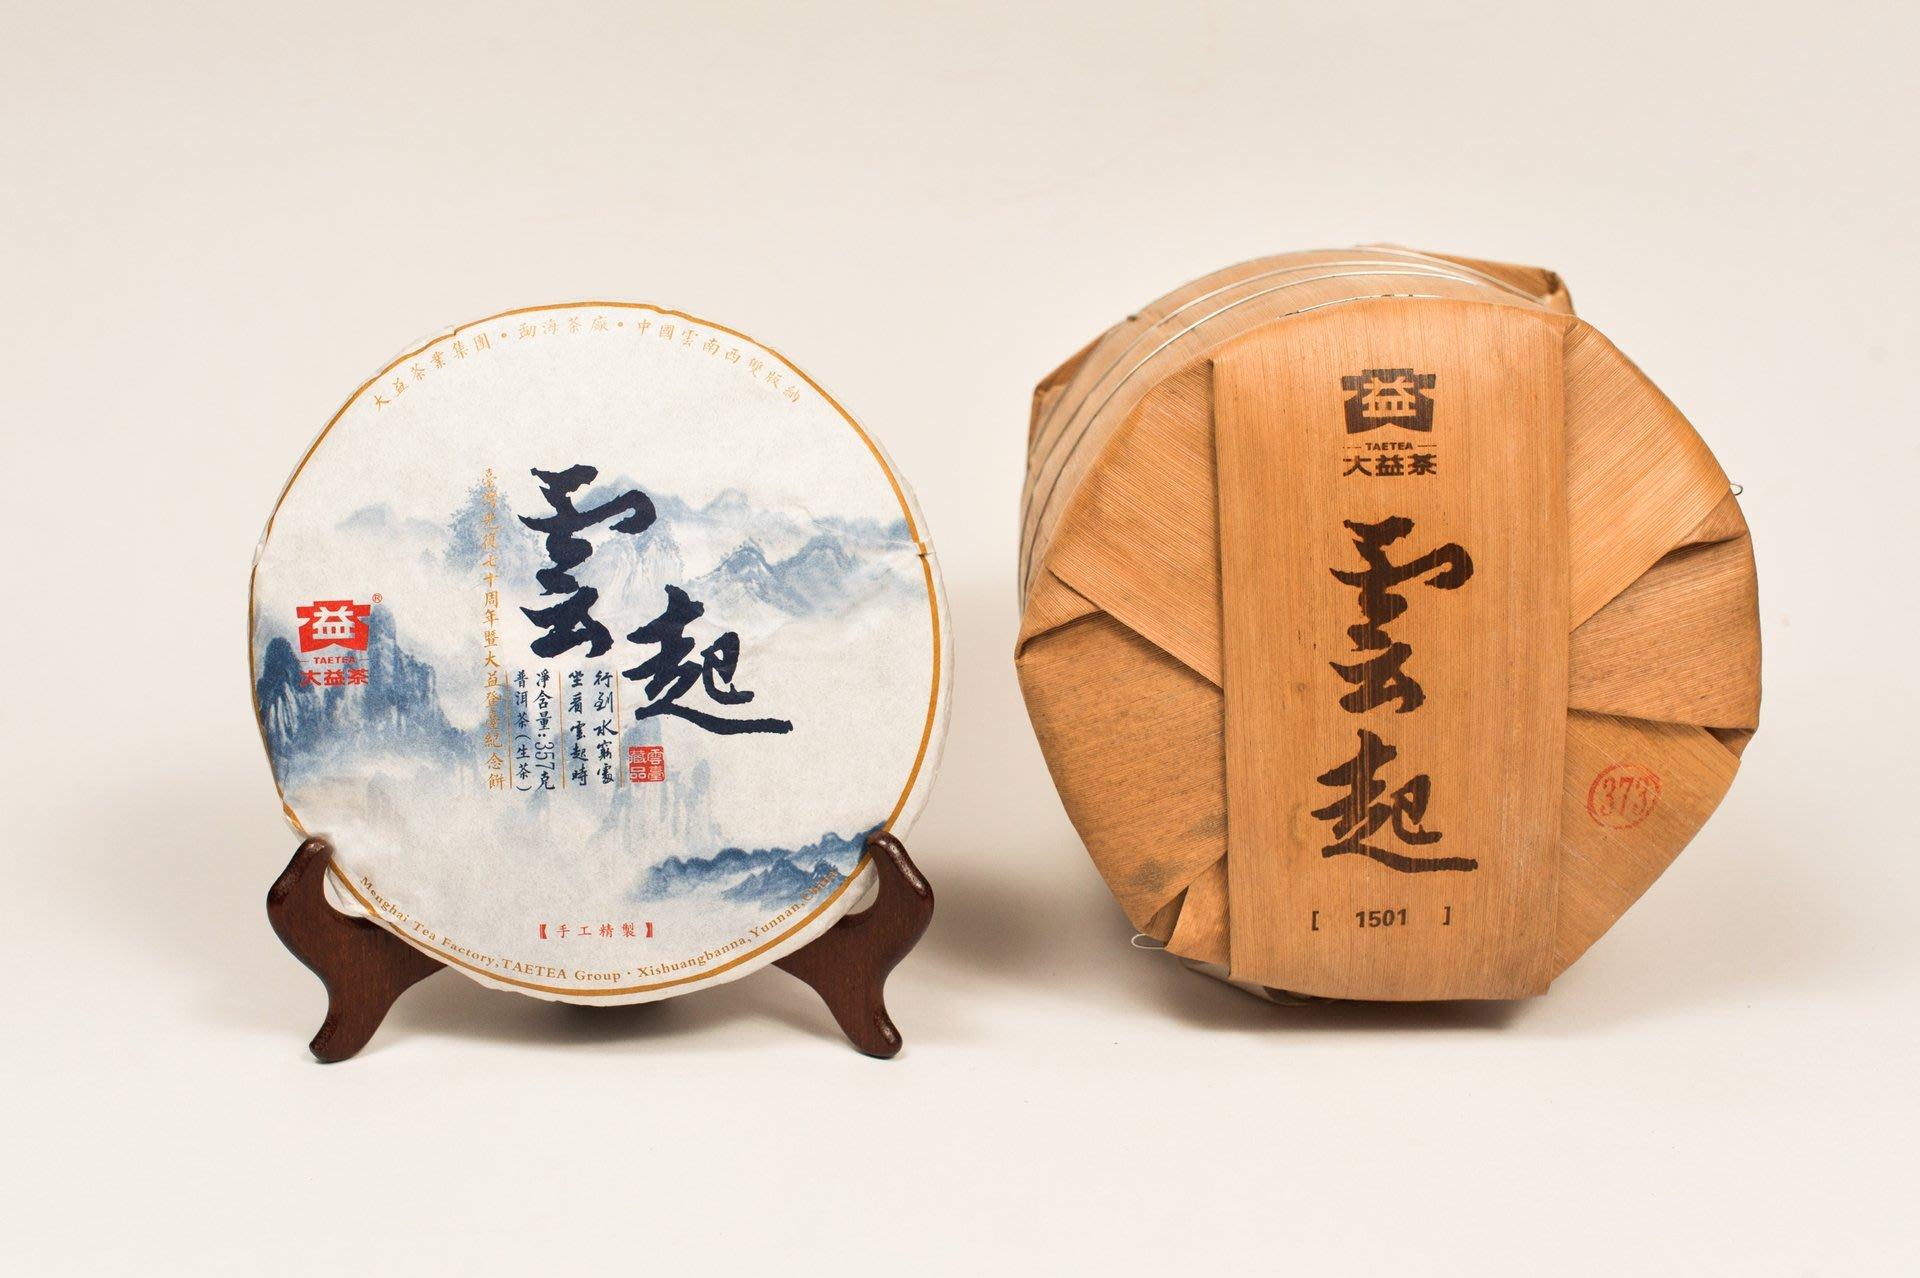 保證正品 2015年 大益/勐海茶廠 布朗雲起 普洱茶 生茶 357克*(一筒+一餅)共八餅 1501批